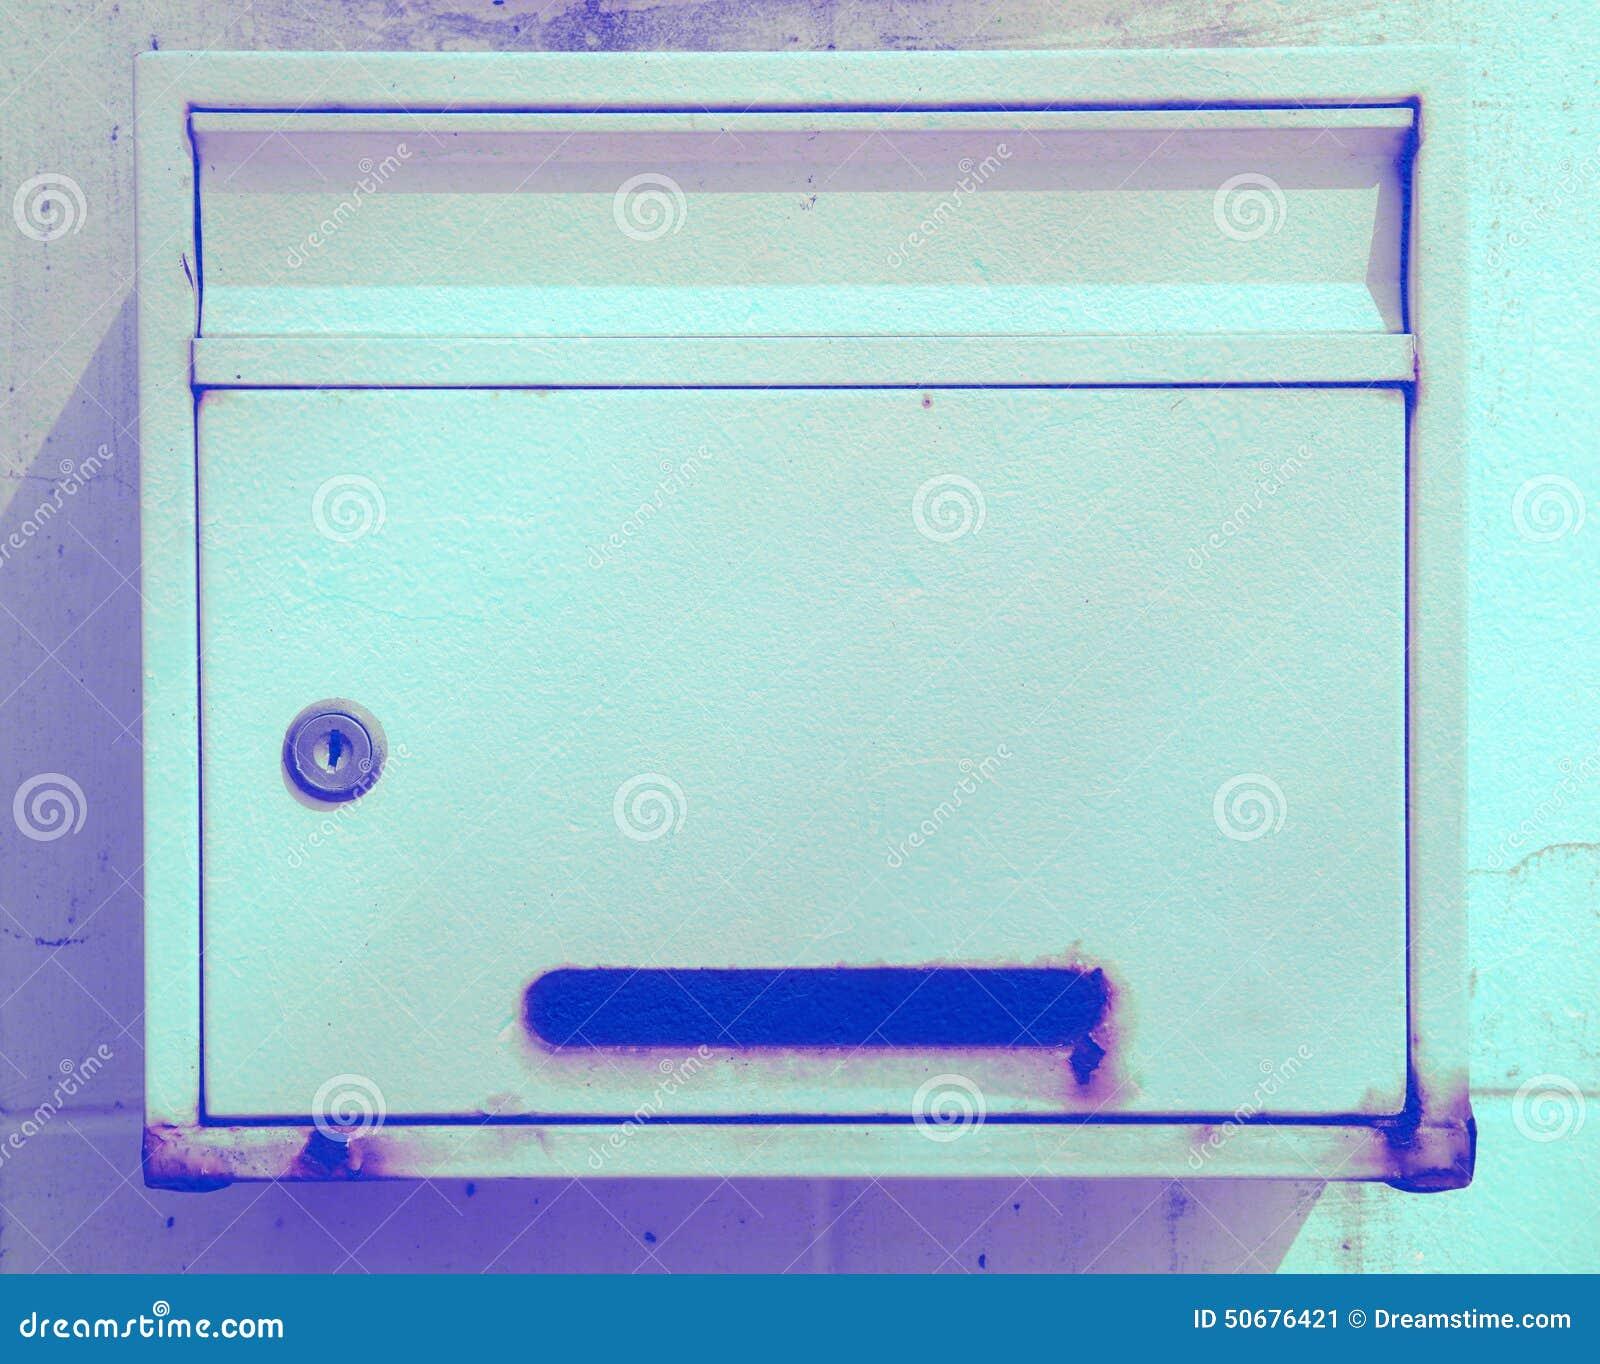 Download 抽象行家样式邮箱 库存图片. 图片 包括有 行家, 邮政, 邮费, 邮件, 发运, 通信, 棚车, 特写镜头 - 50676421